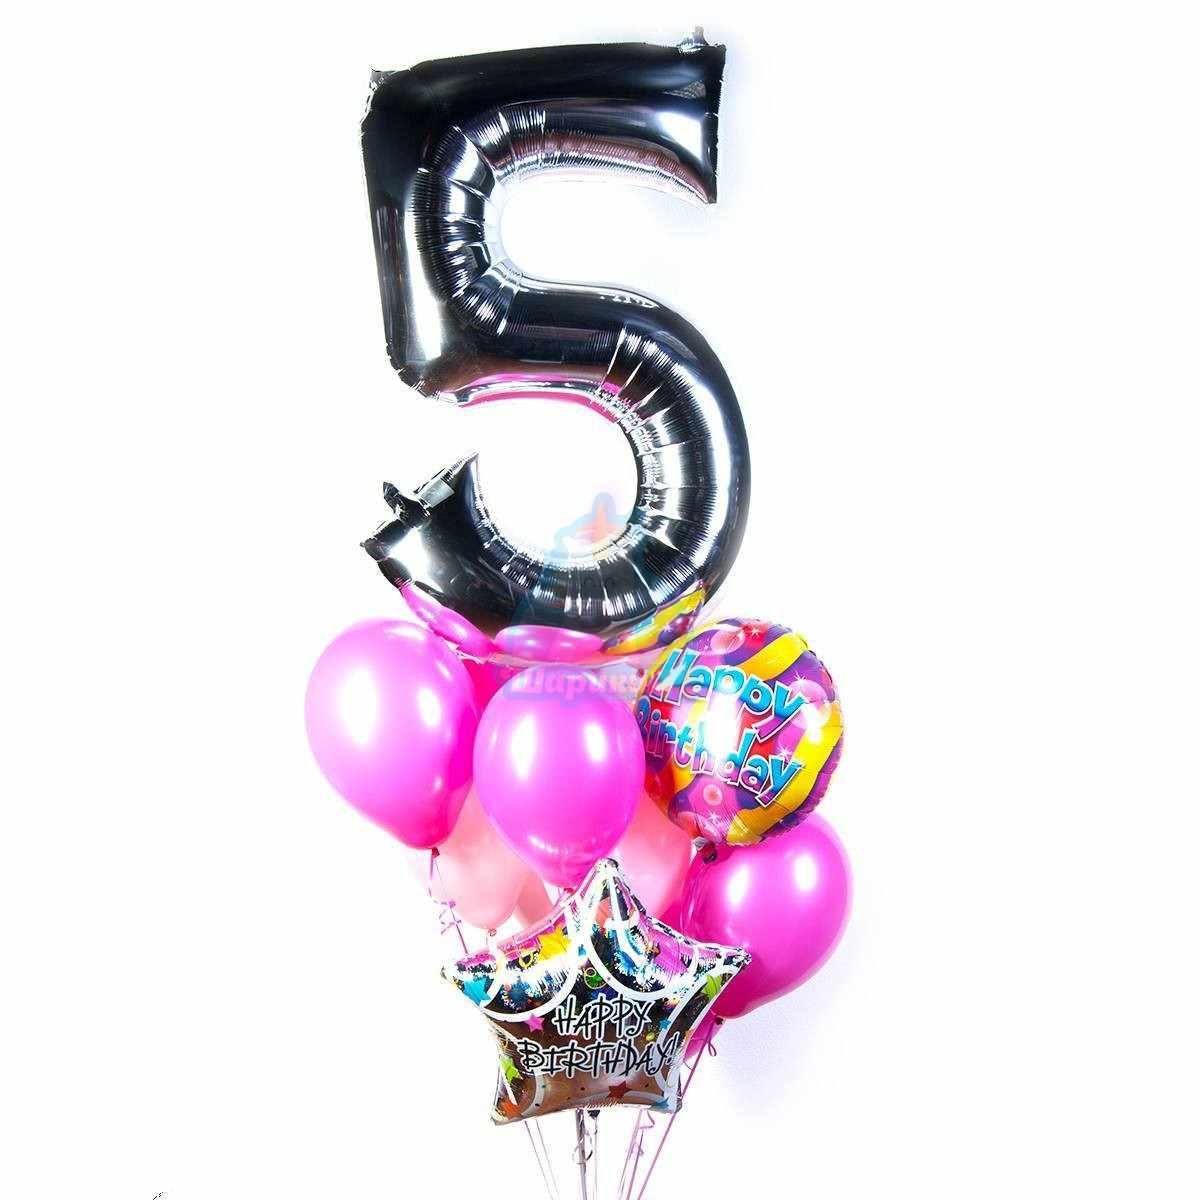 Букет на день рождения с серебряной цифрой фото в интернет-магазине Шарики 24